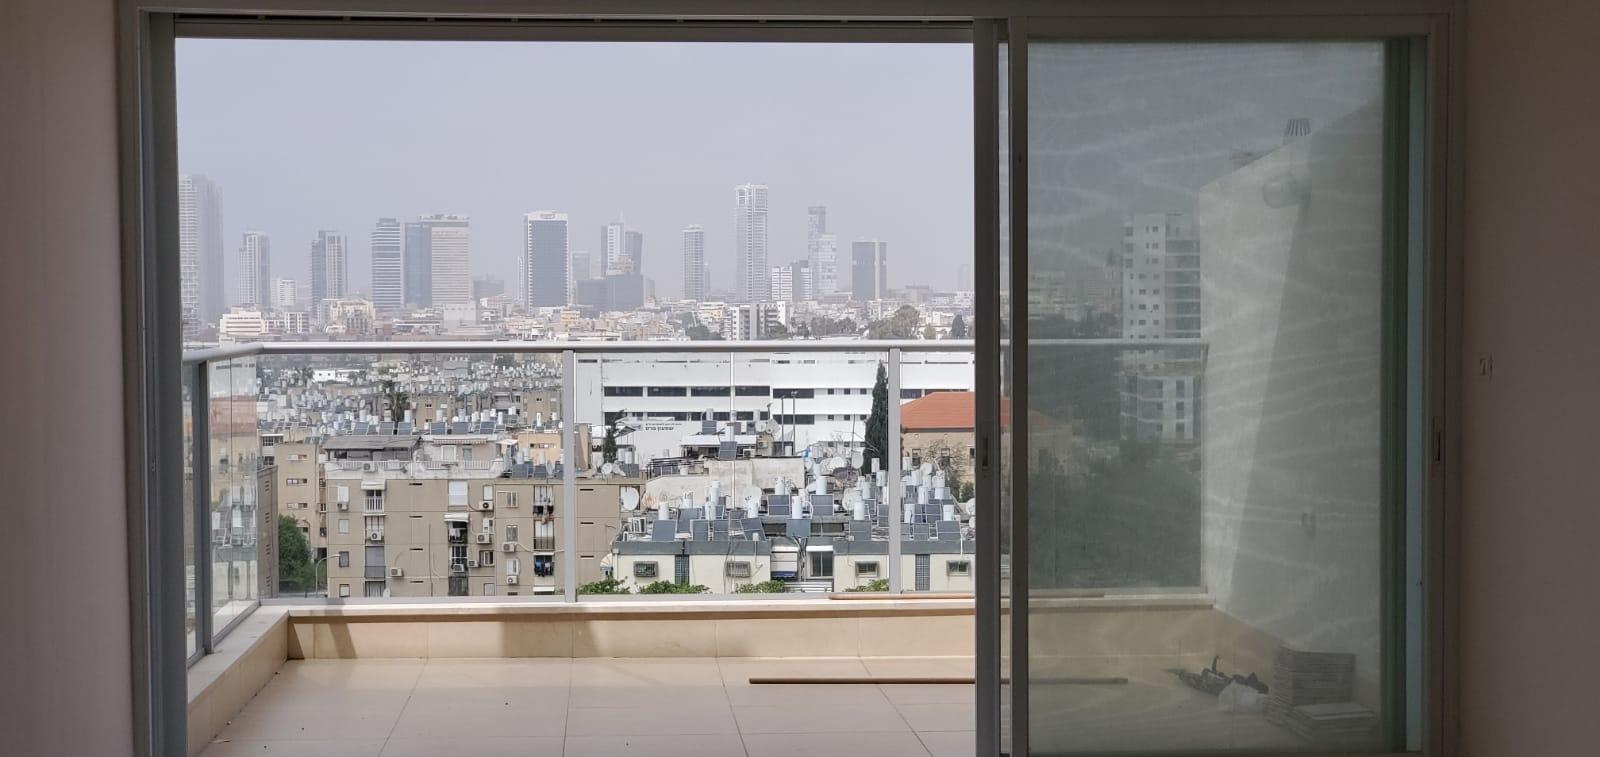 תל אביב דירה להשכרה 5 חדרים 6,000₪ בחודש, תל אביב